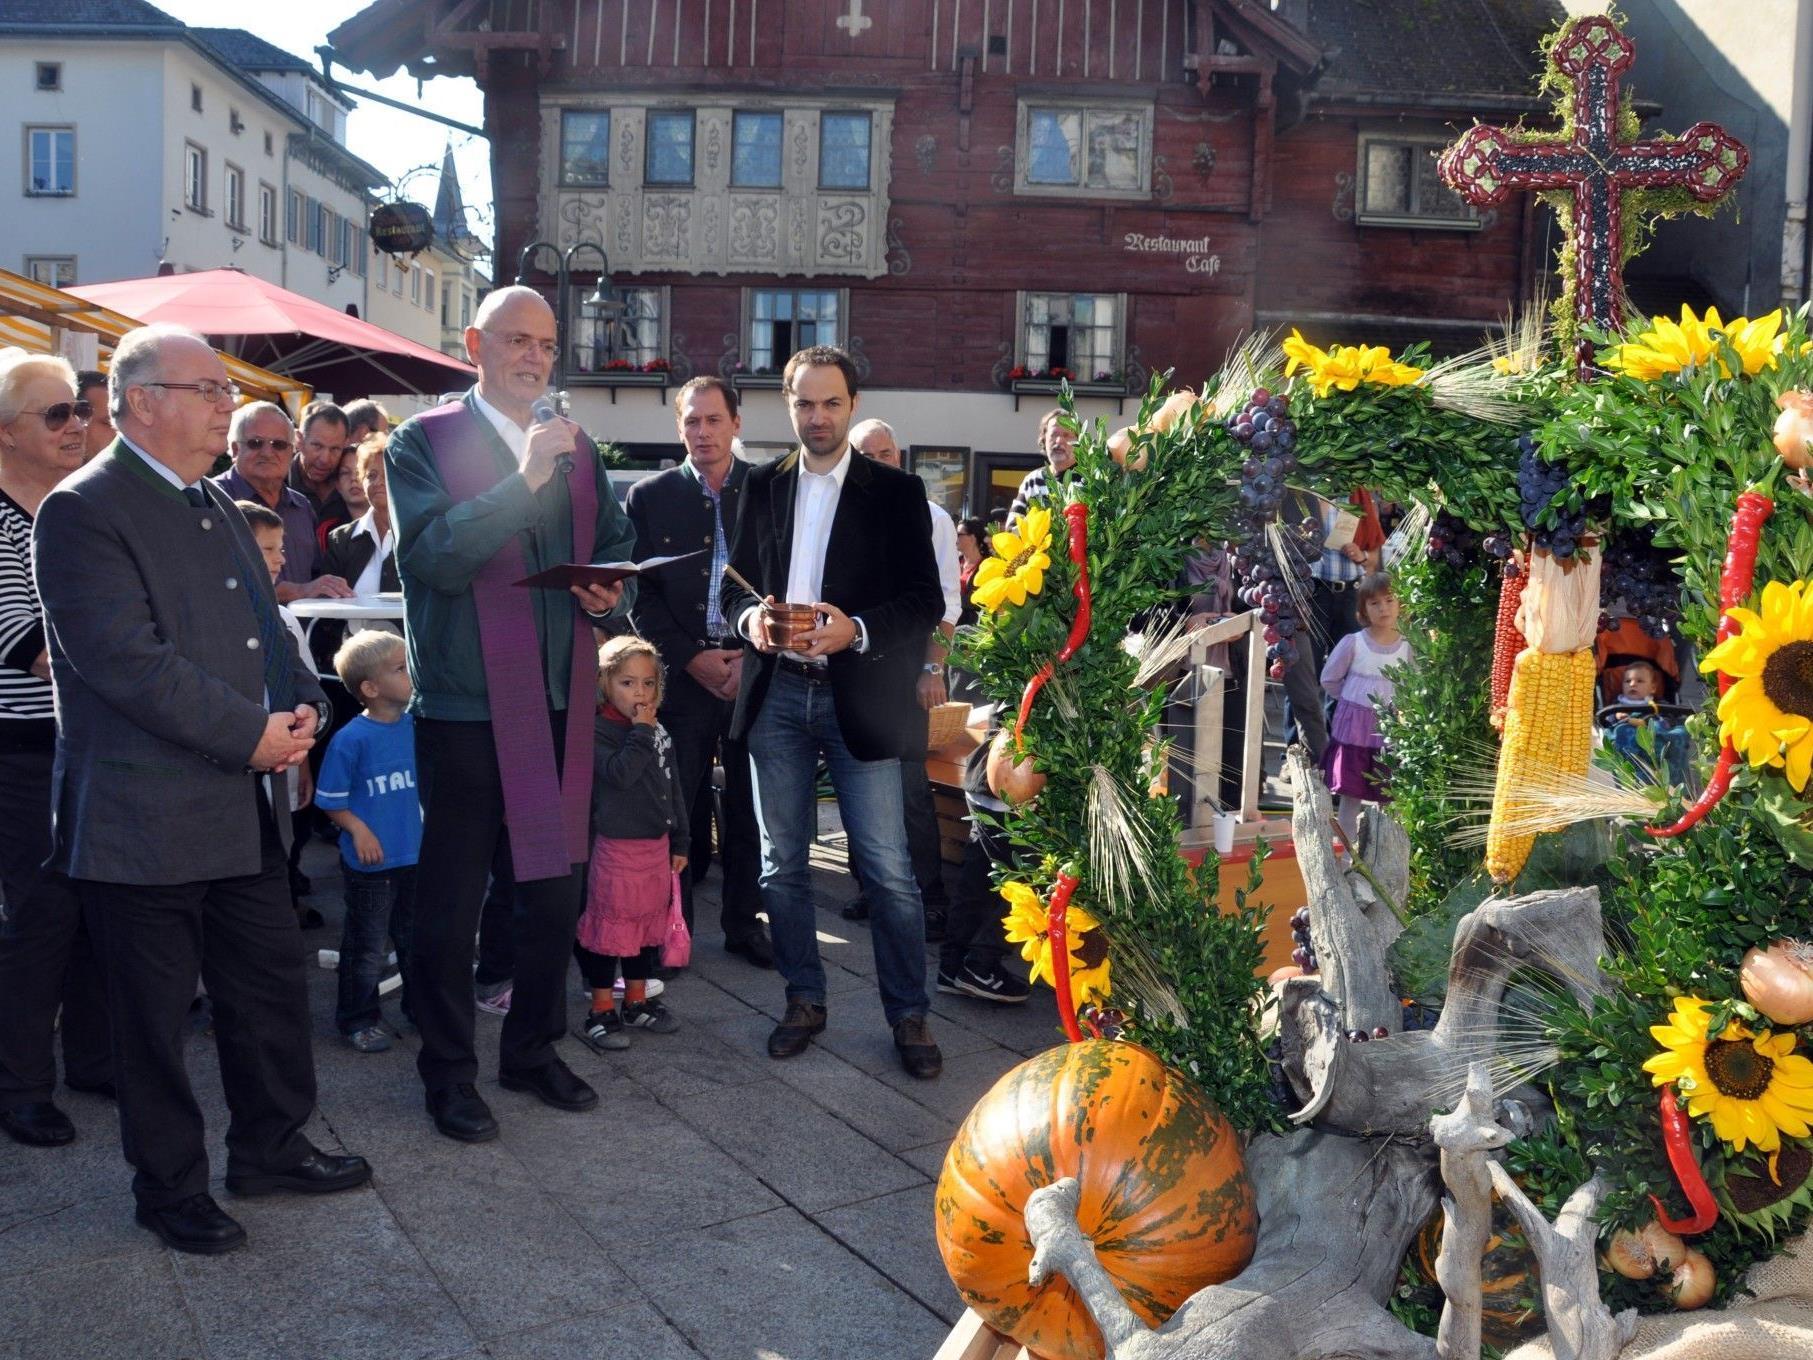 Mit der Segnung der Erntedankkrone wird der Dornbirner Herbst 2012 offiziell eröffnet.